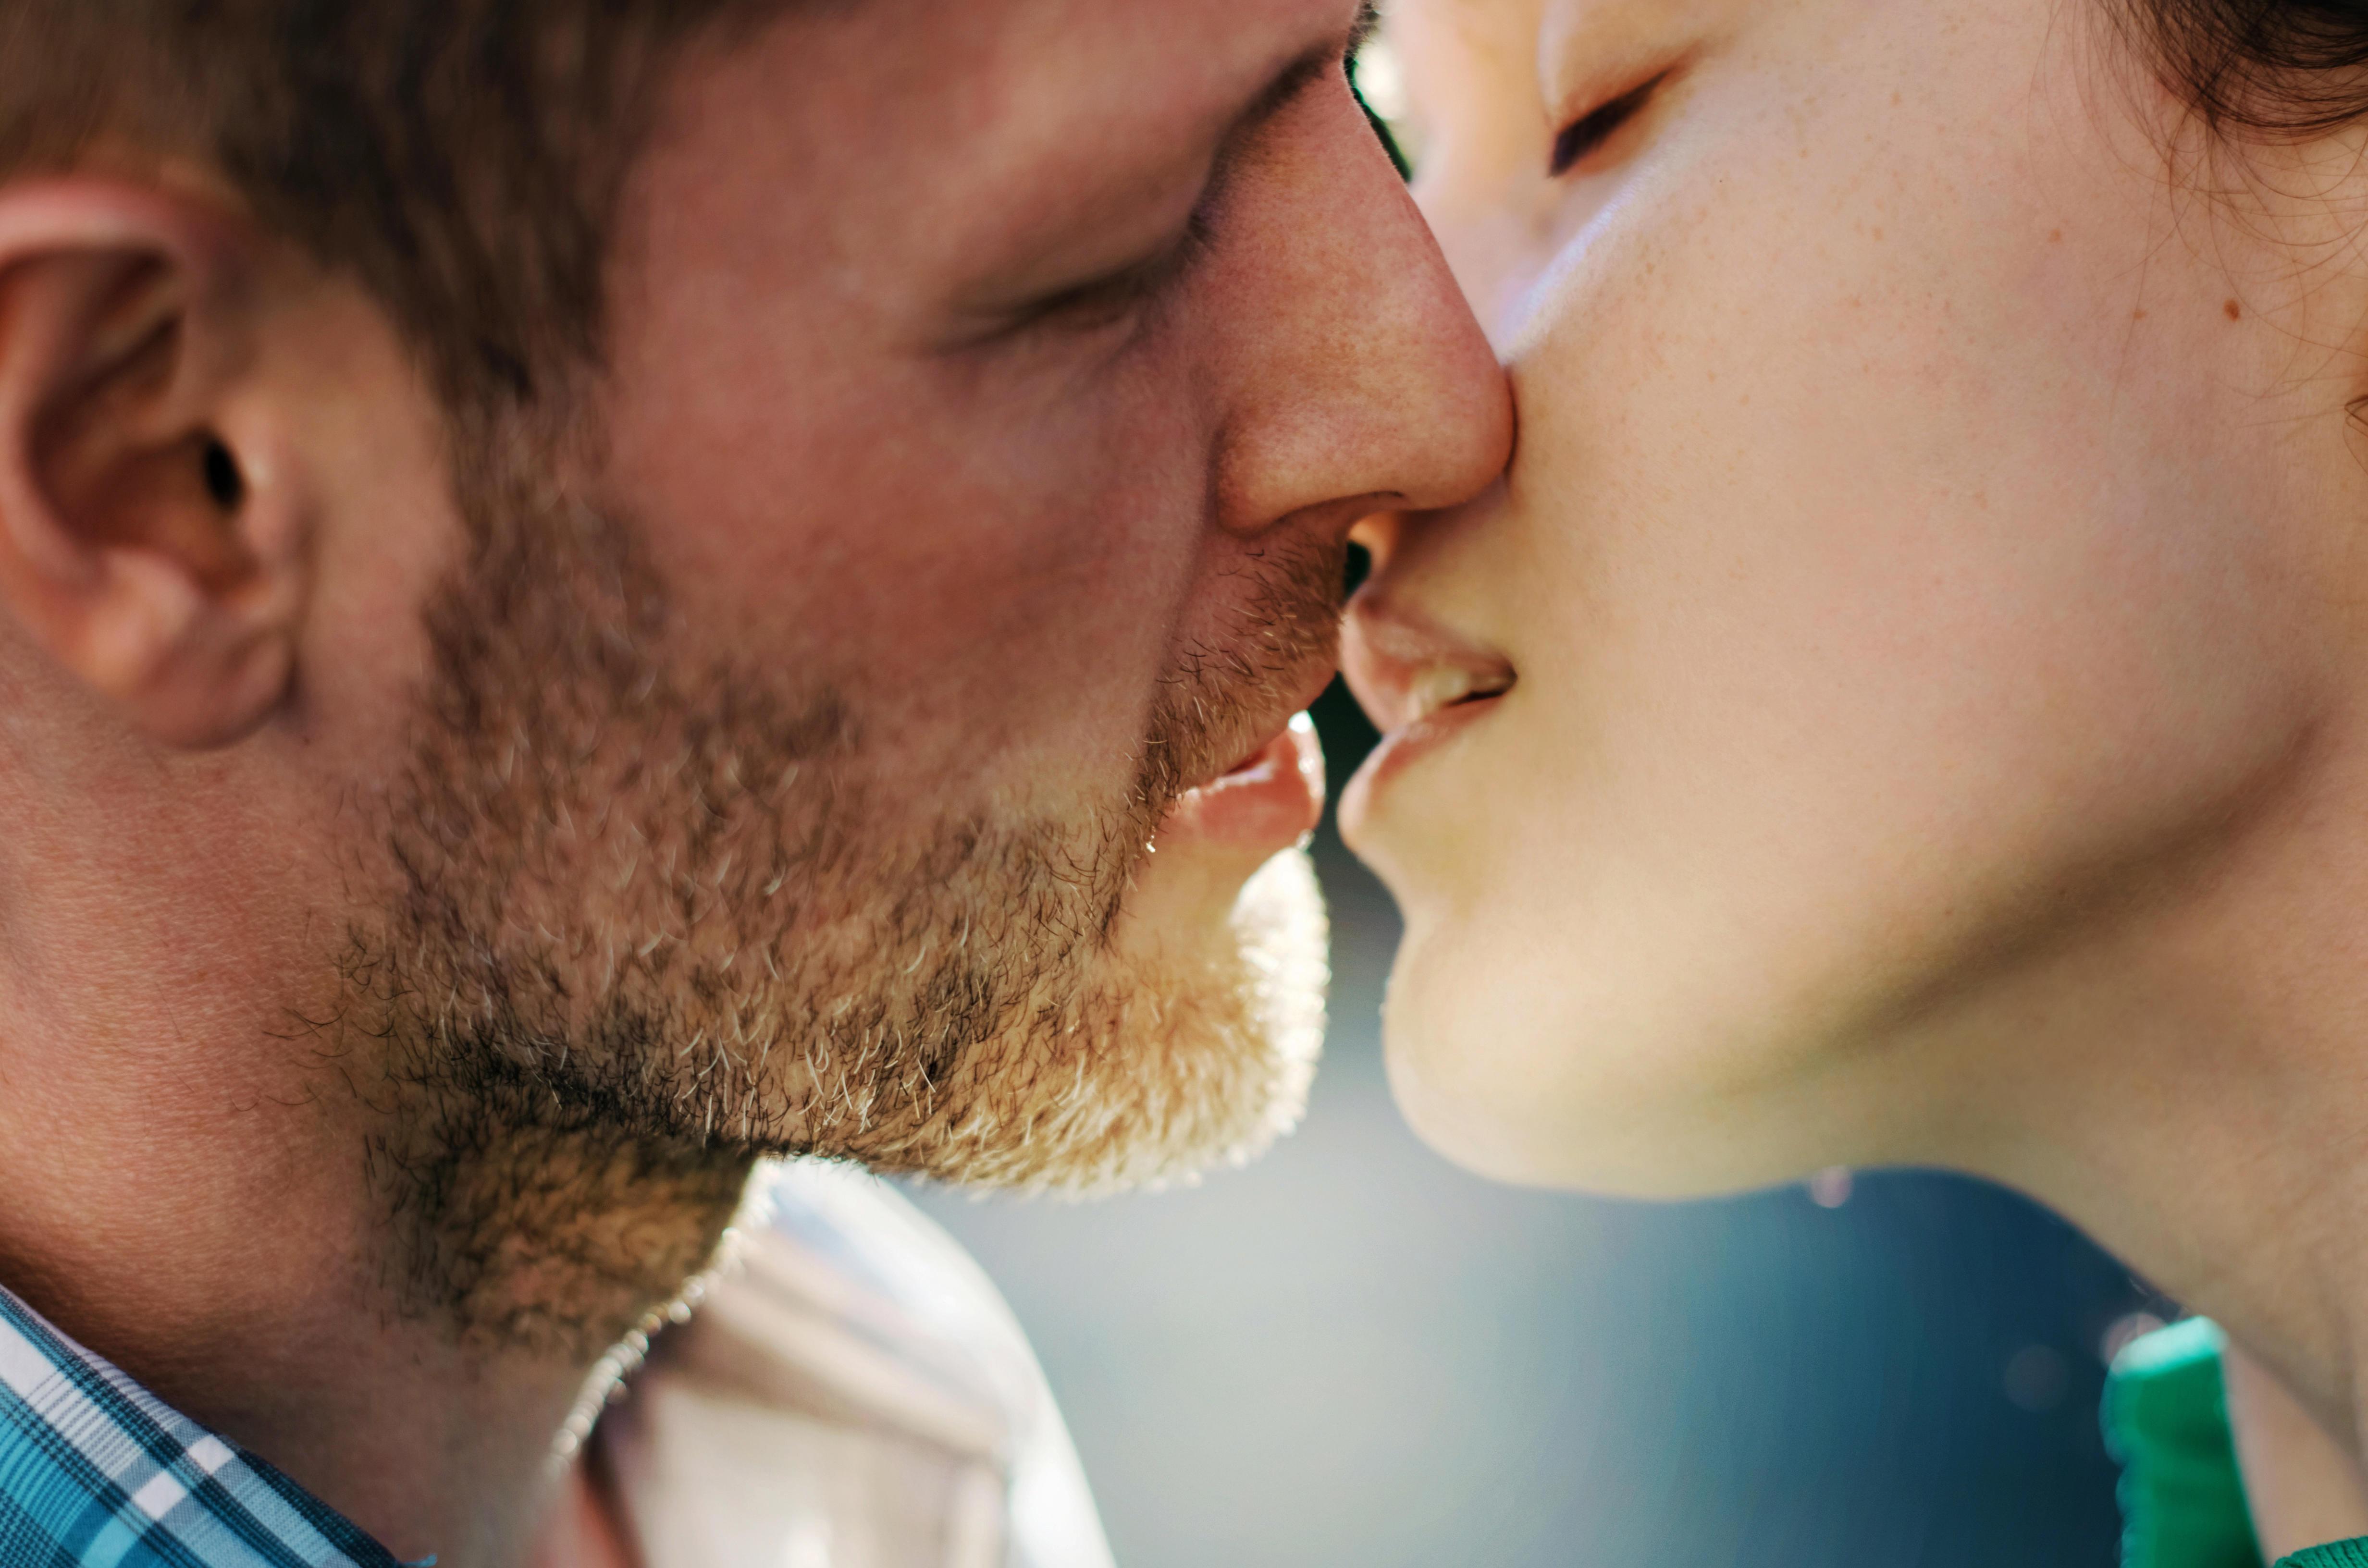 Поцелуй страстный: как страстно целоваться, техника французского поцелуя